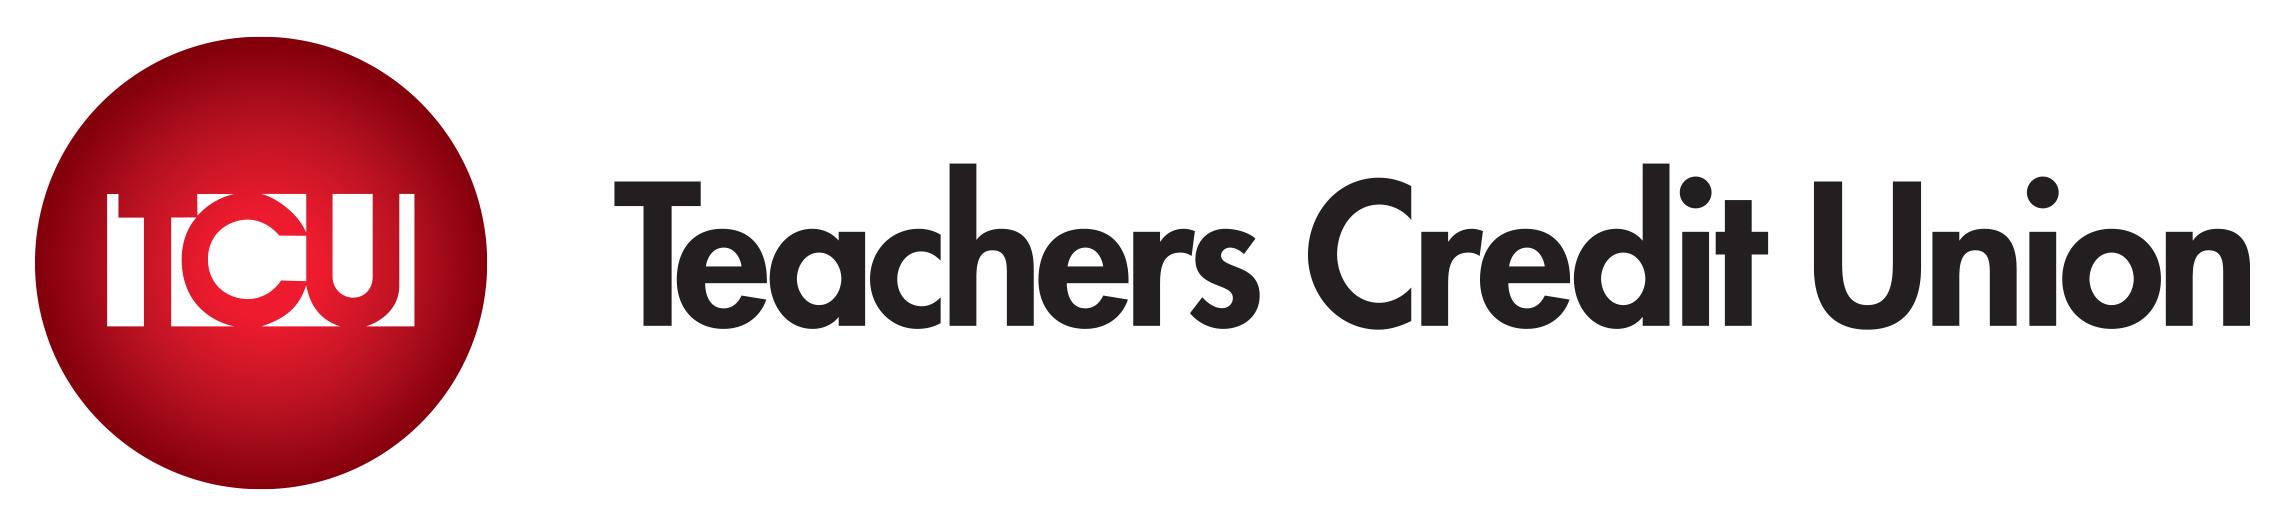 TeachersCreditUnionLogo